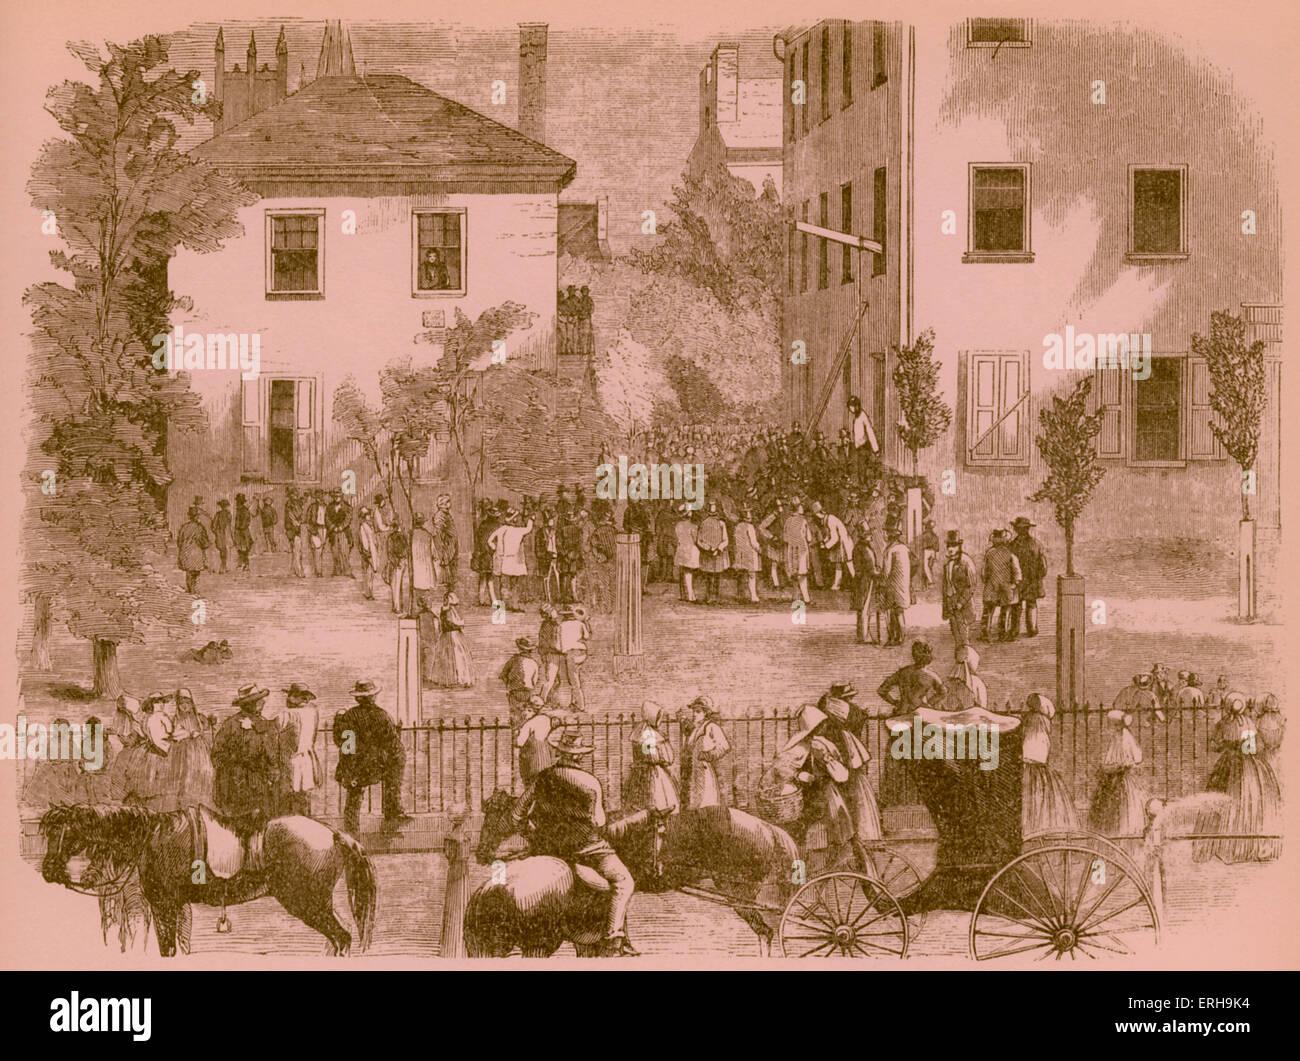 El linchamiento del siglo XIX en un juzgado de Kentucky. Artista desconocido, de 1860. Imagen De Stock